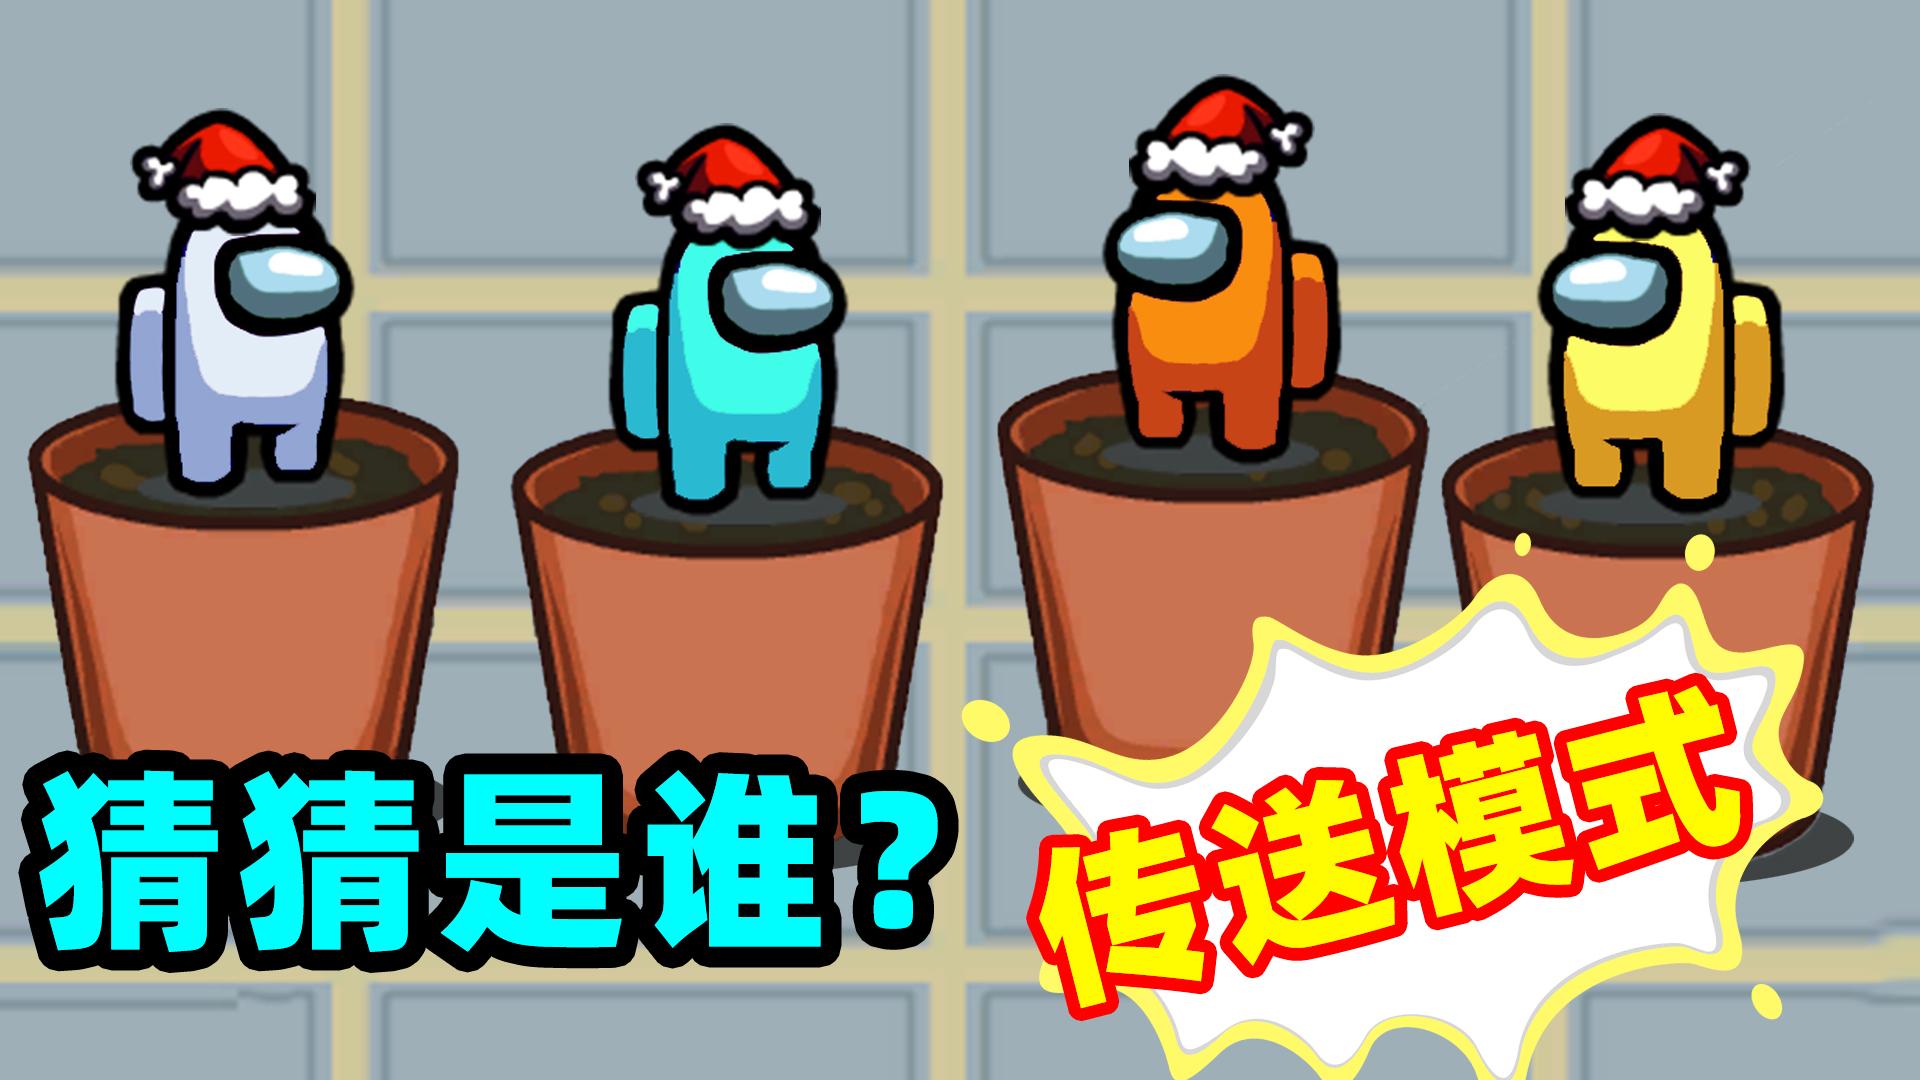 【名游社】Amongus传送模式,内鬼2选1,猜猜谁是内鬼?